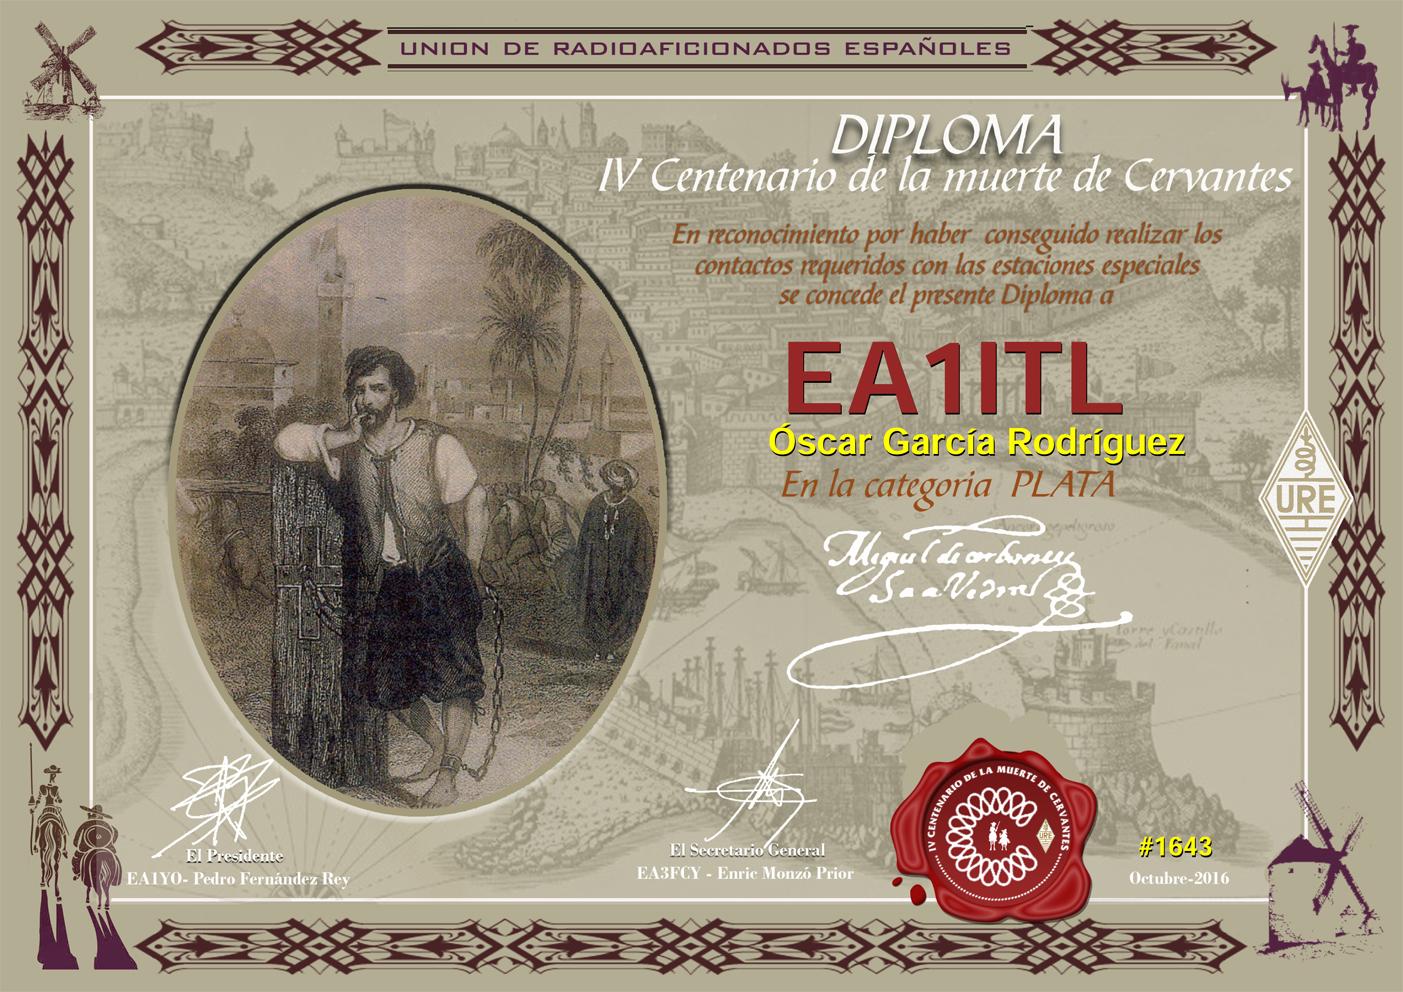 IV Centenario de la muerte de Miguel de Cervantes. Diploma de Plata 2016